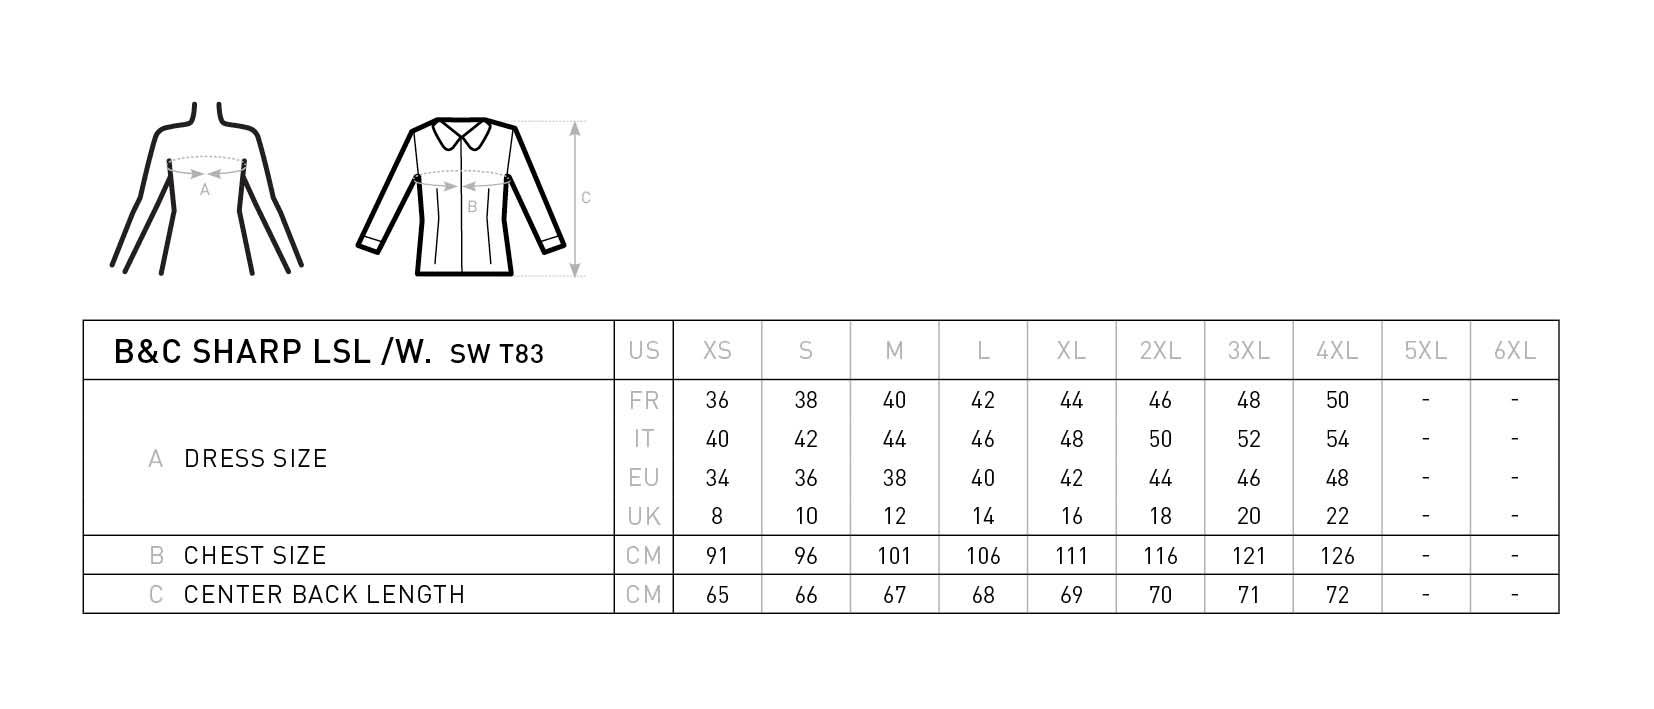 Grössentabelle GrössentabelleTwill Bluse langarm B&C | Sharp LSL /women